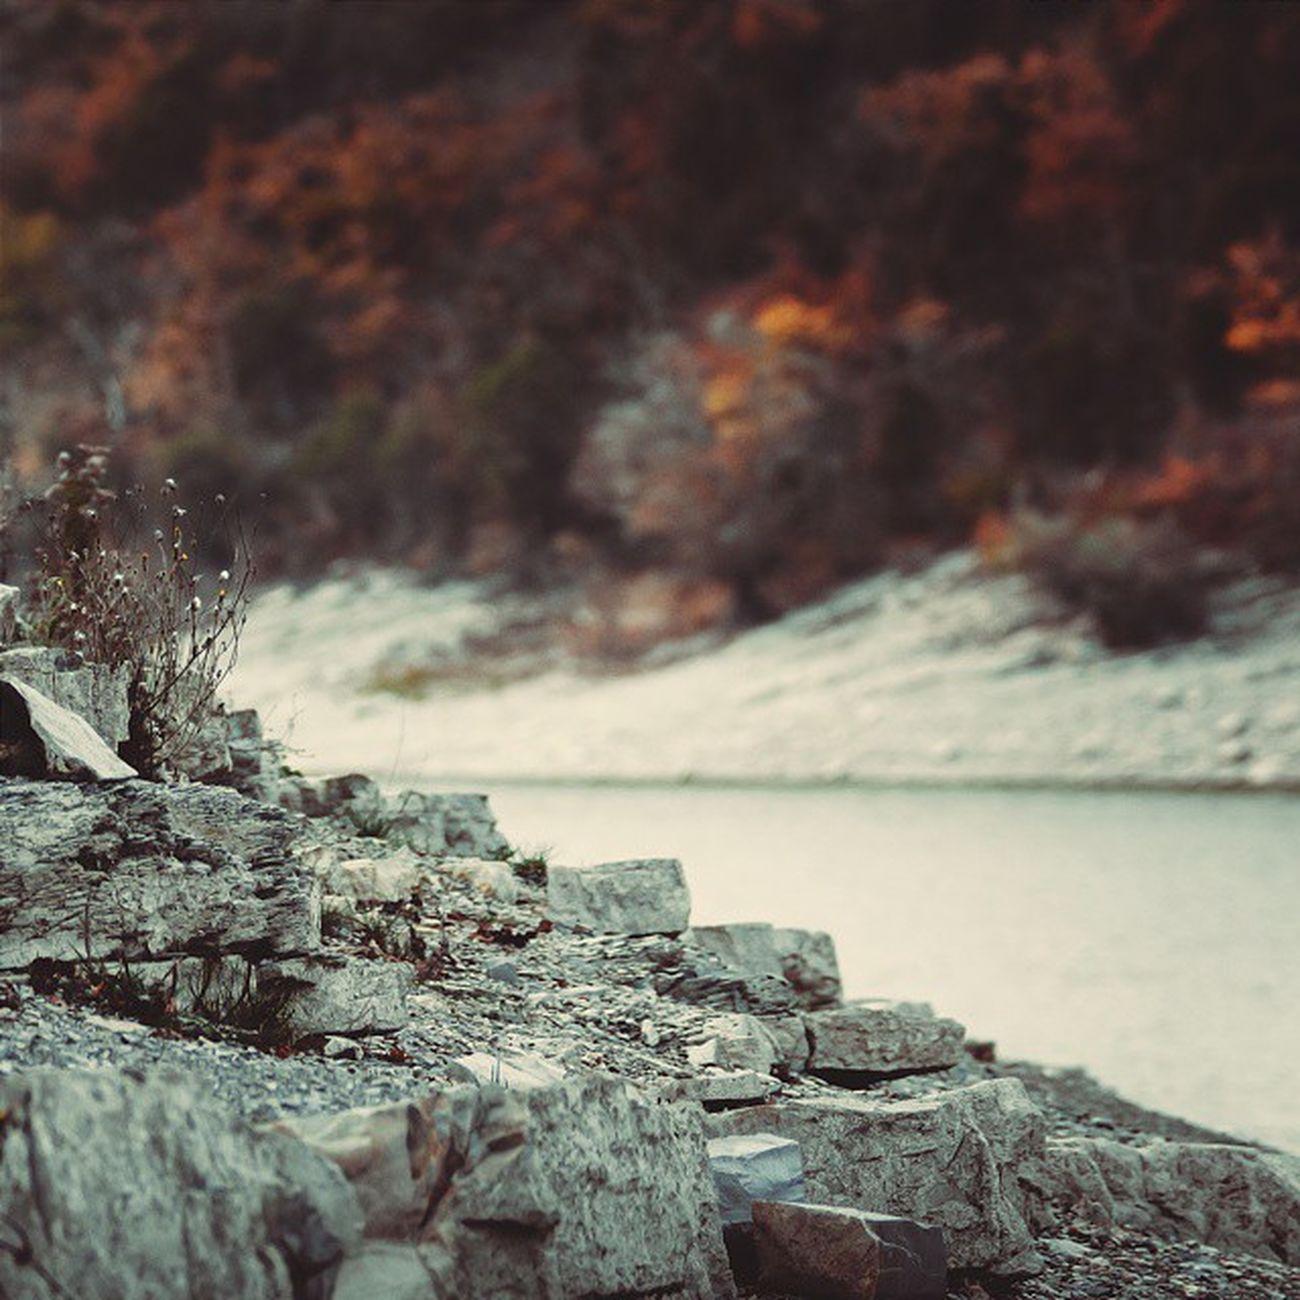 осень в красных тонах (пос. Сукко . озеро с болотными кипарисами) 🍁 Wigandt_photo Wigandtphoto Wigandt Sonyalpha Minolta Russia Россия Анапа Anapa Photorussia TravellingRussia